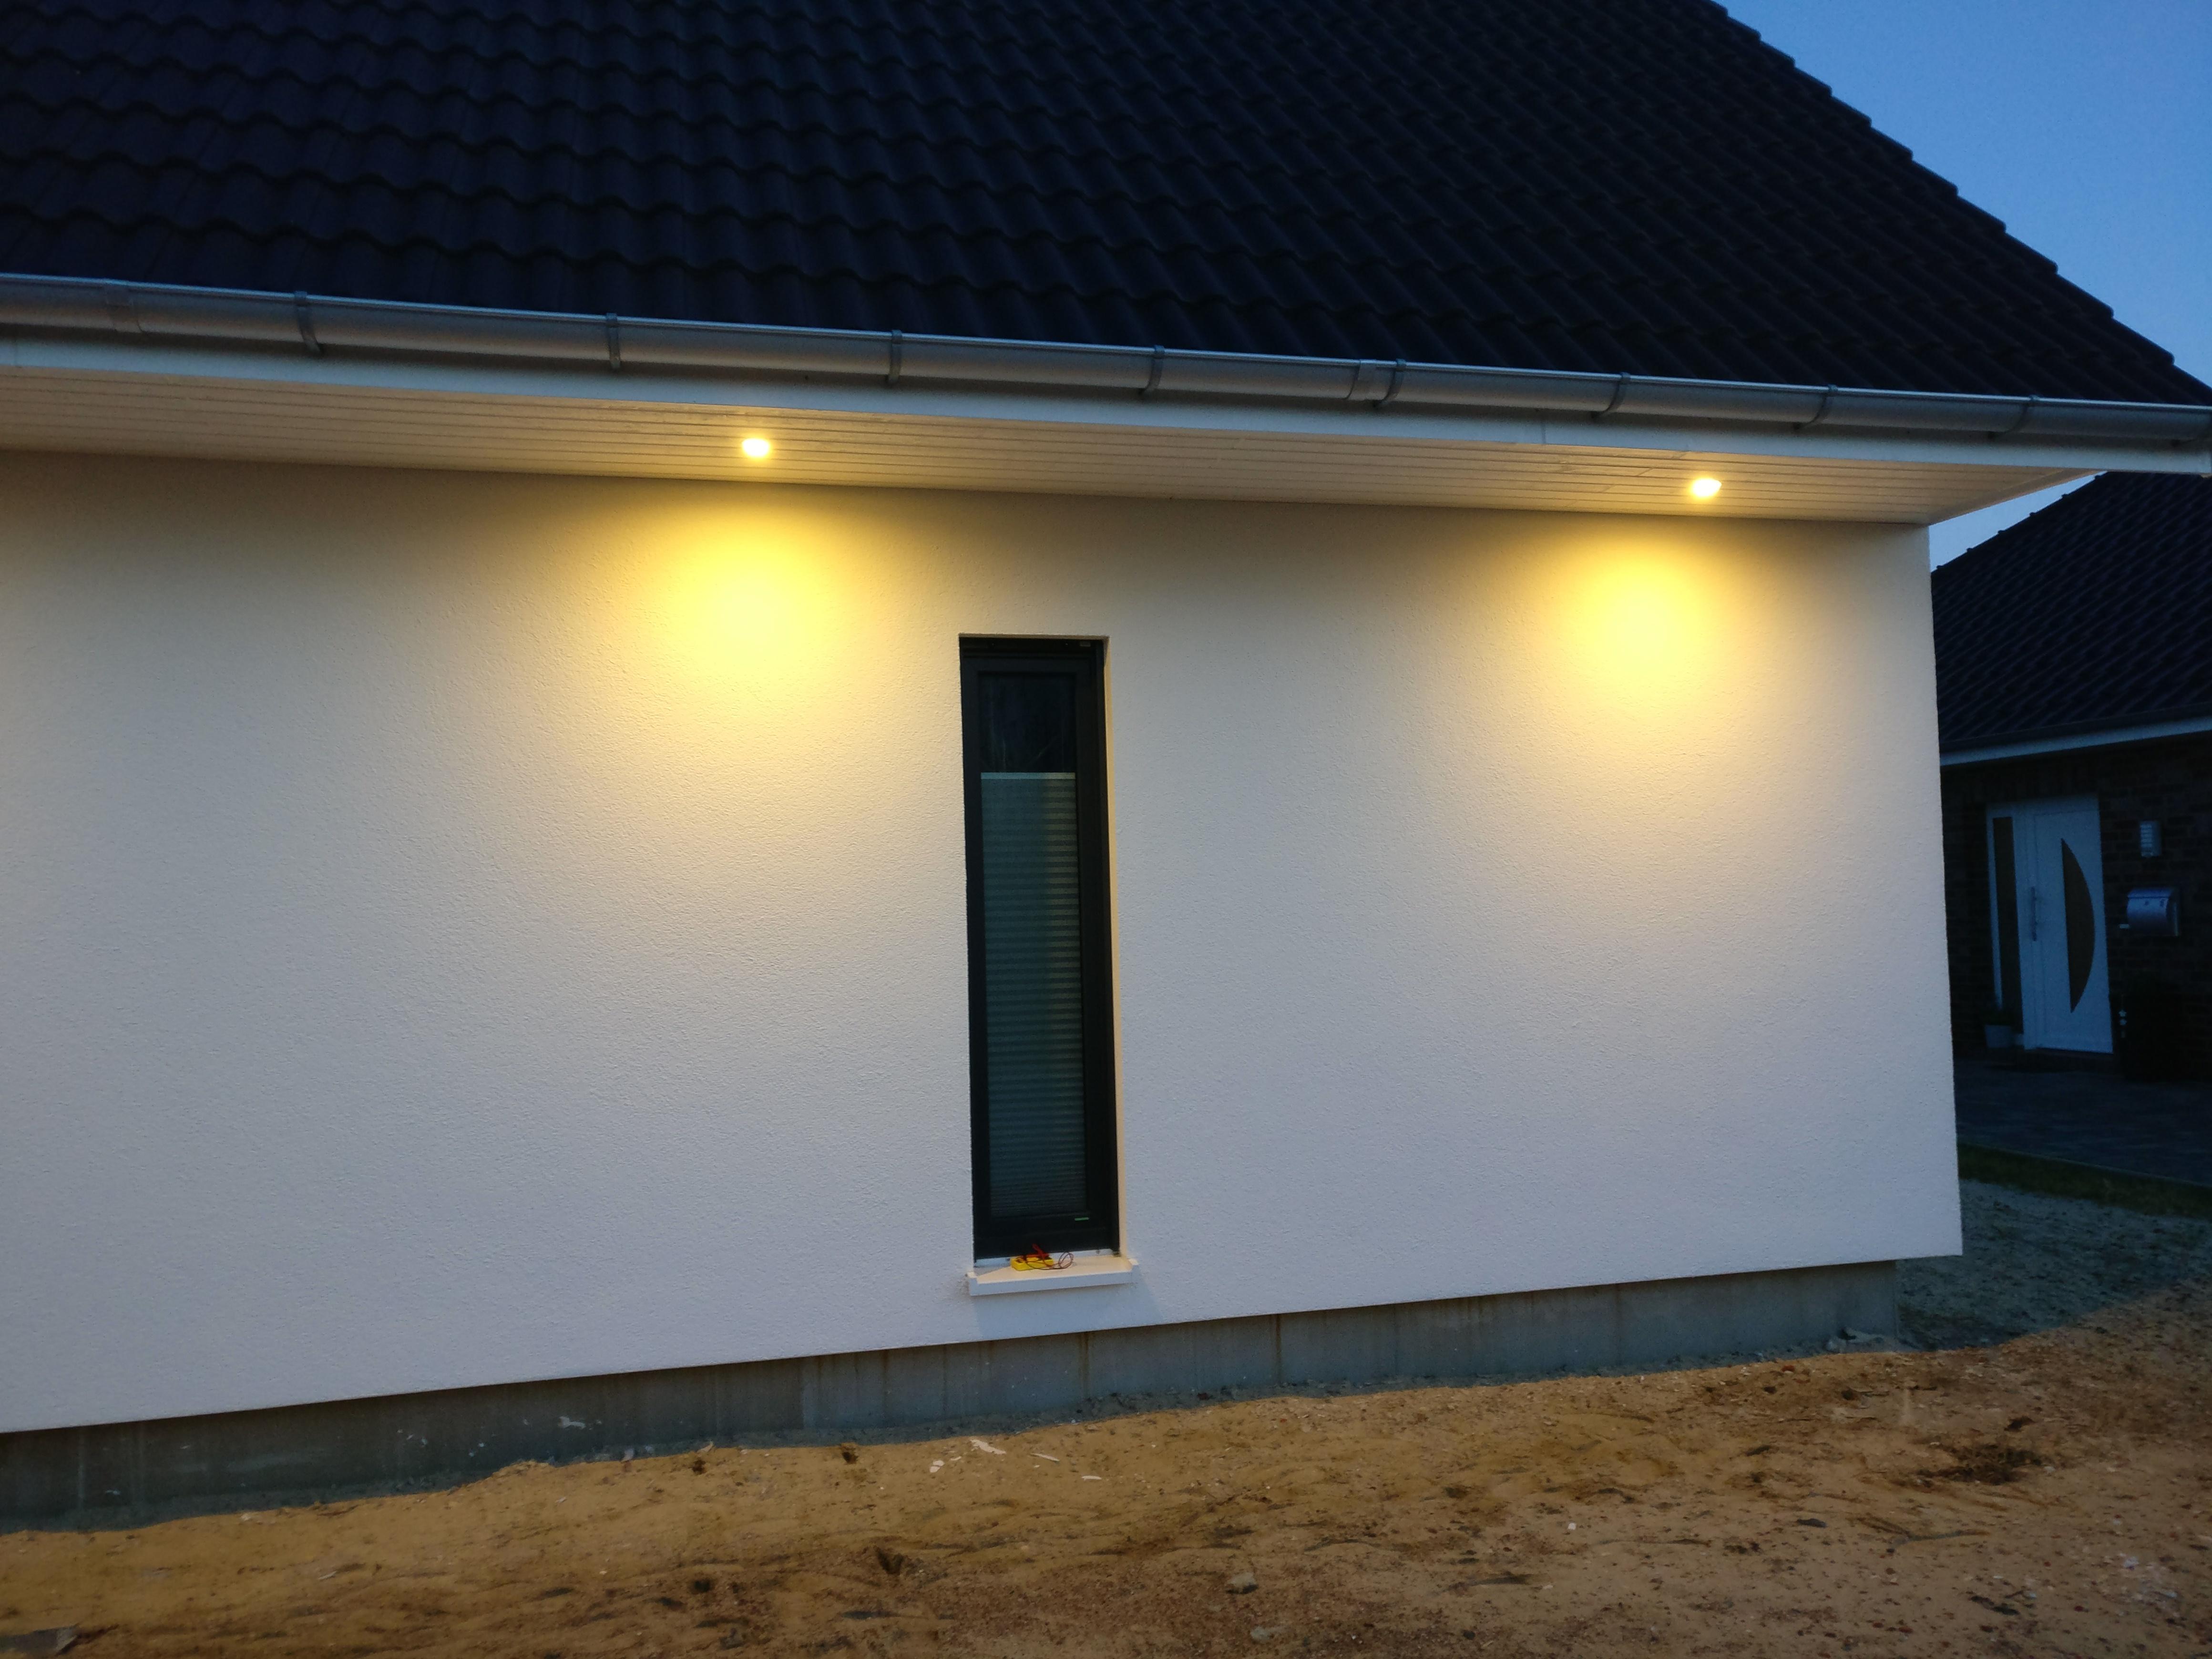 Gut bekannt Einen smart LED Einbaustrahler selber bauen - smart-leuchten.de XS91